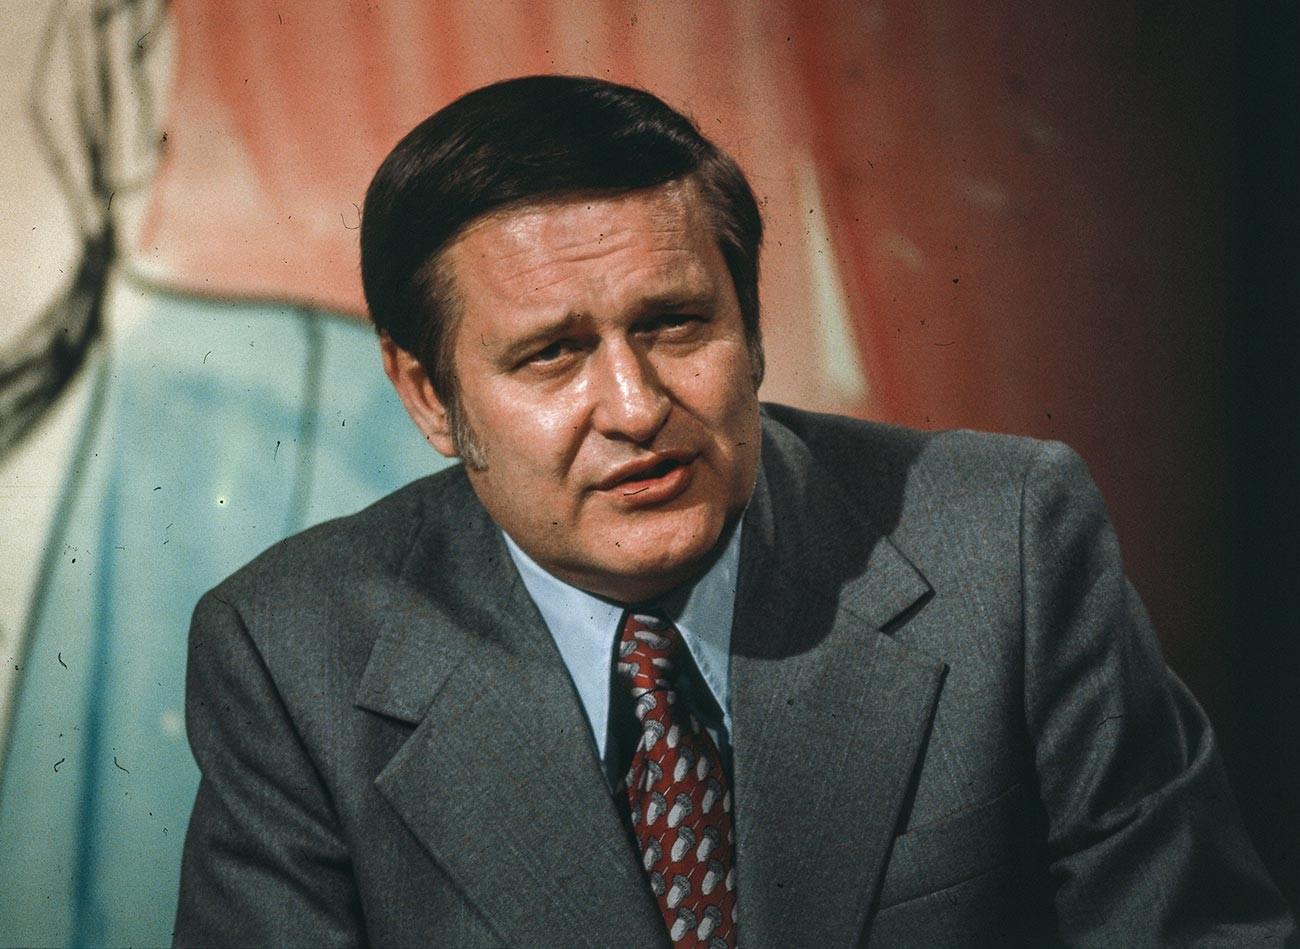 Jurnalis investigasi Amerika Jack Anderson saat membawakan acara TV.